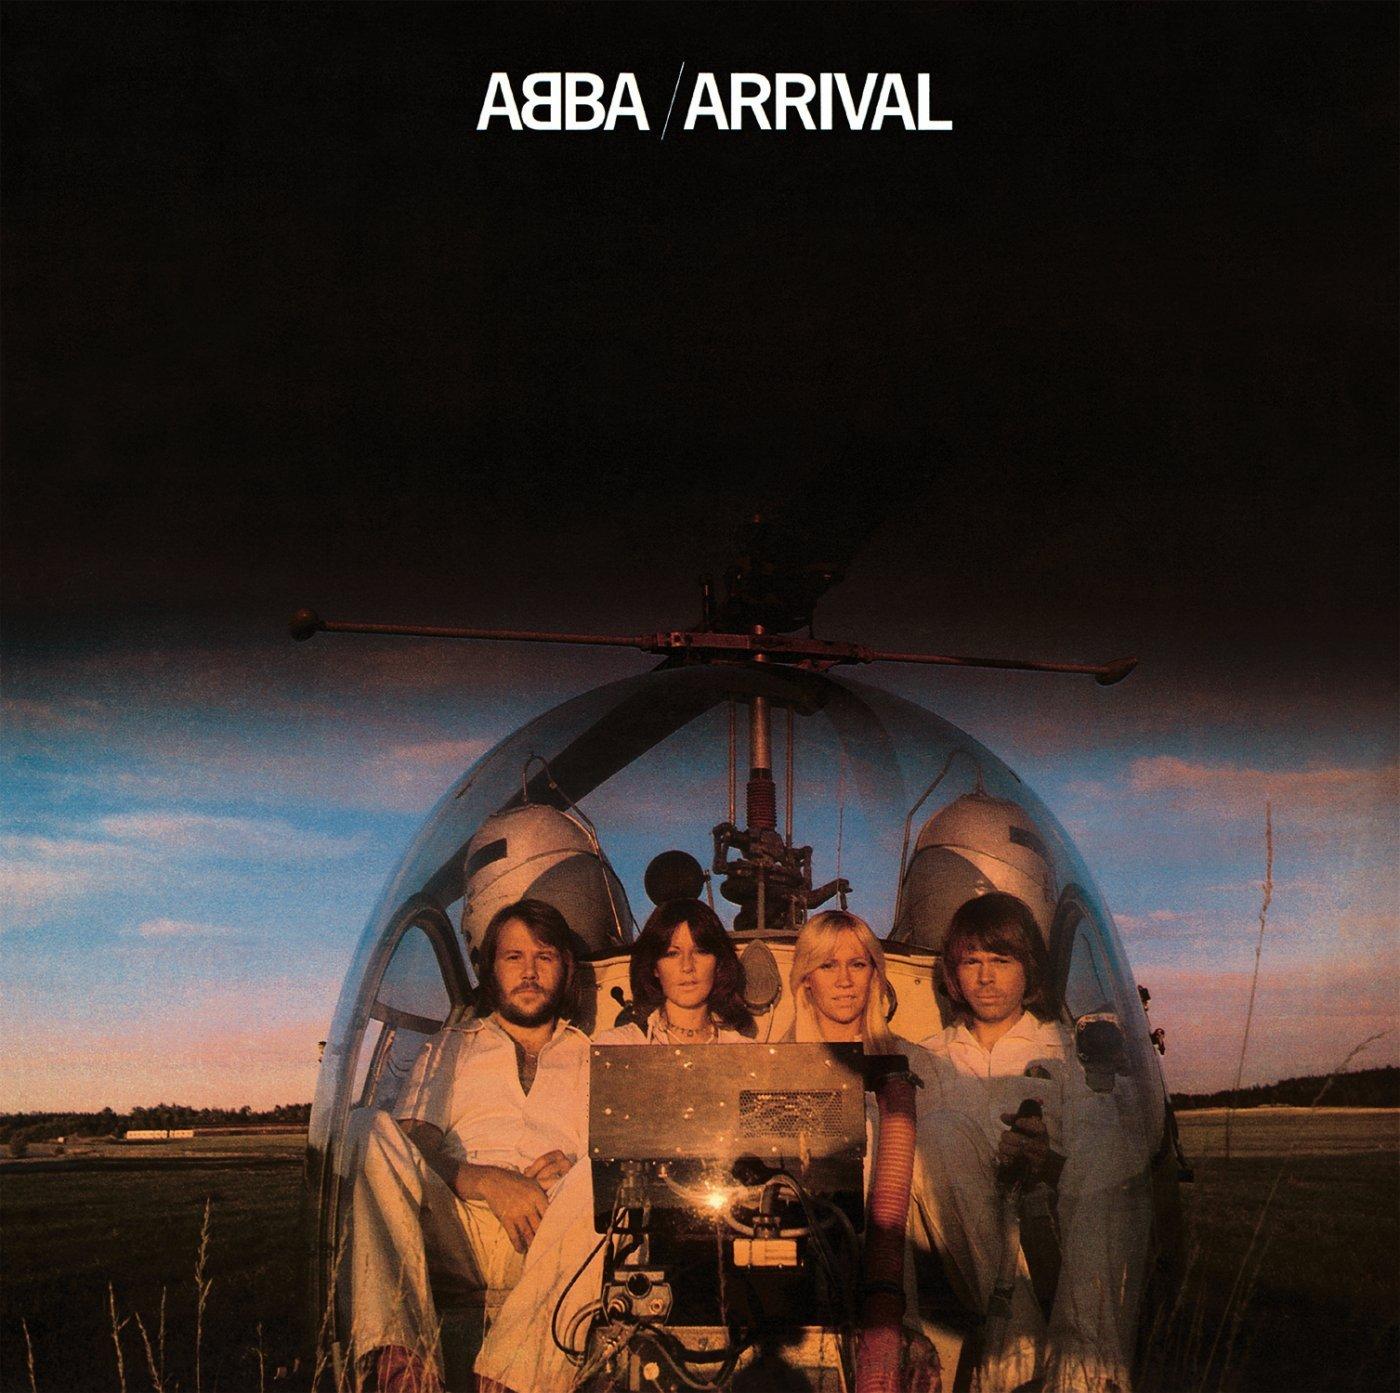 ABBA: Dancing Queen